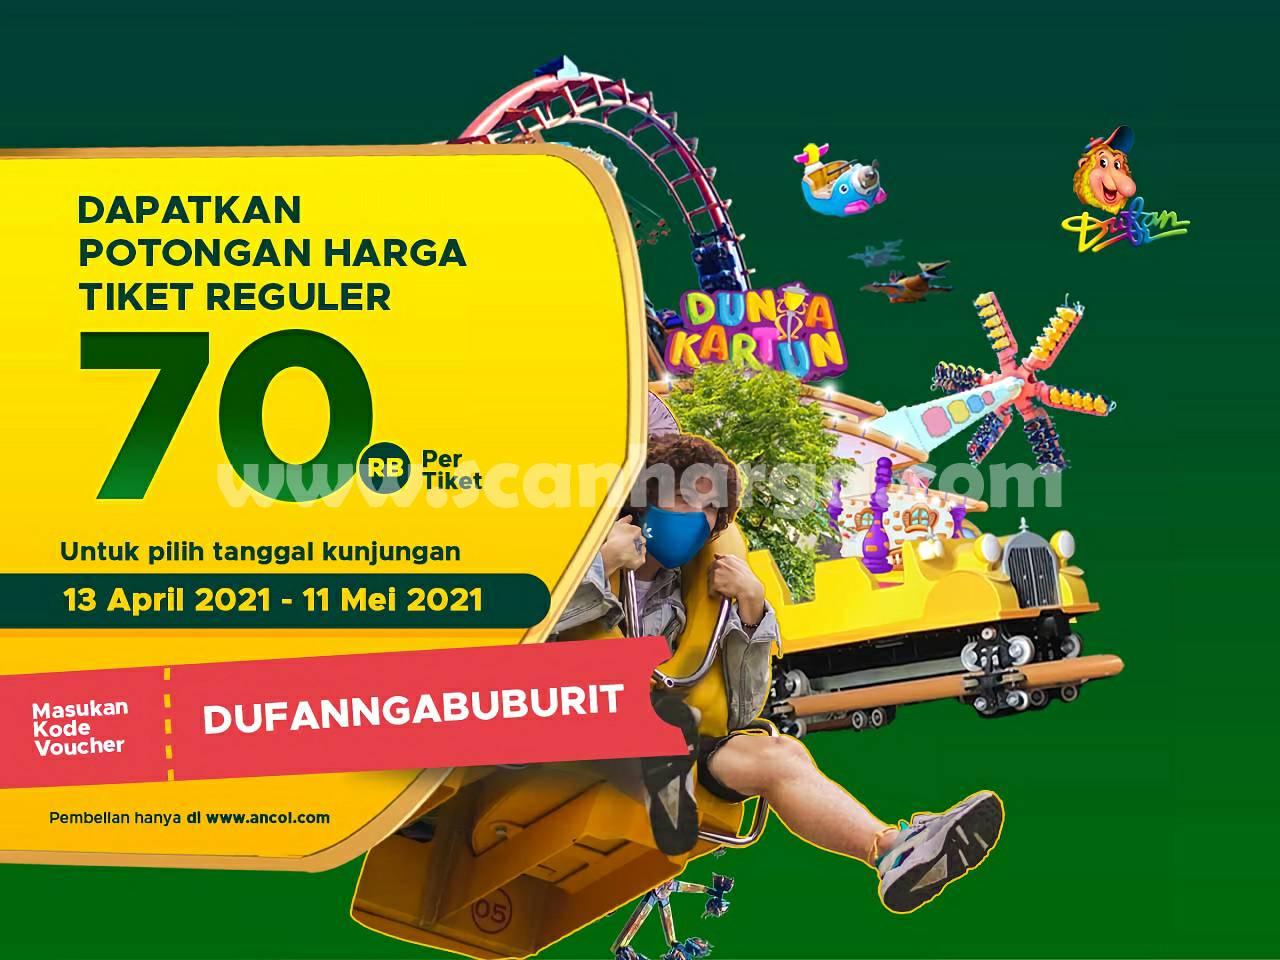 Promo DUFAN NGABUBURIT dengan Kode Voucher cuma Rp 130.000